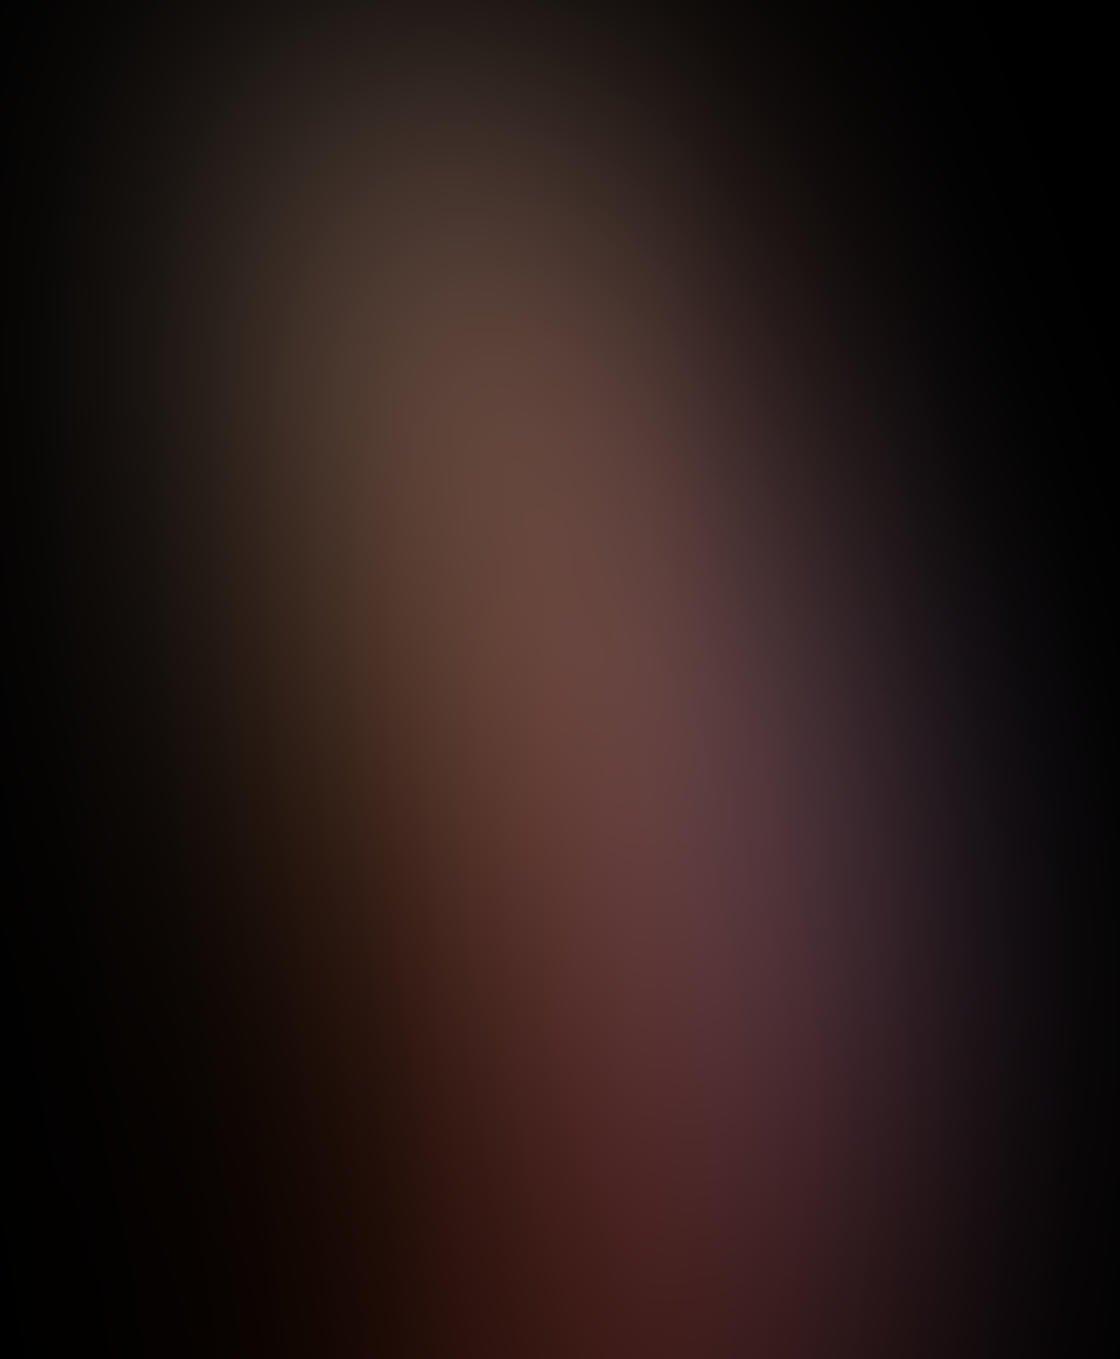 Iphone xs camera 3